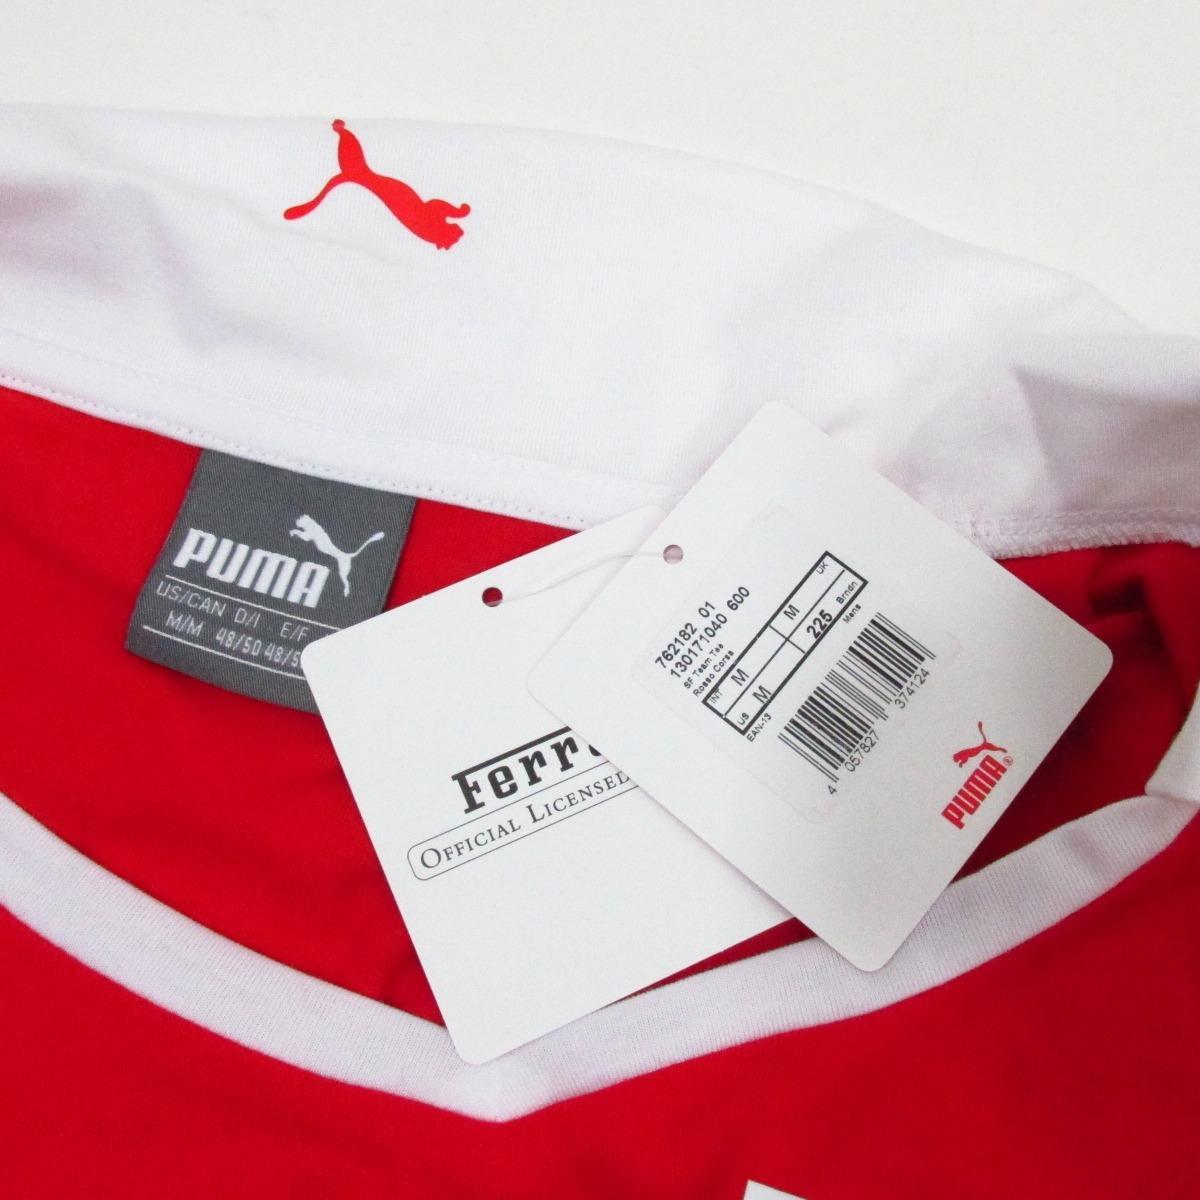 f7b97685d2 Camisa Polo Santander Ferrari Puma Original Kapela - R$ 399,00 em ...